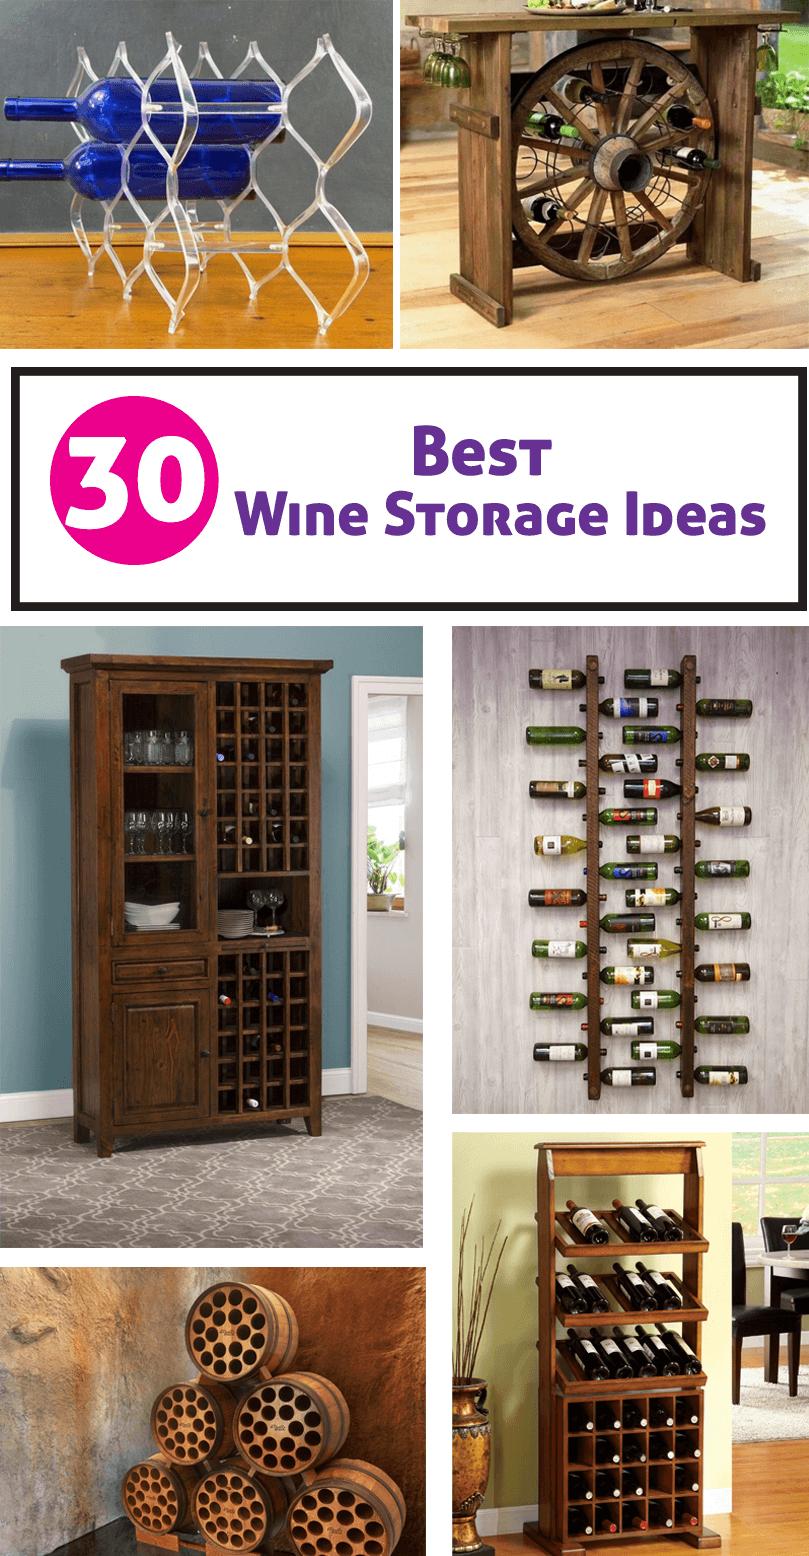 Best Wine Storage Ideas